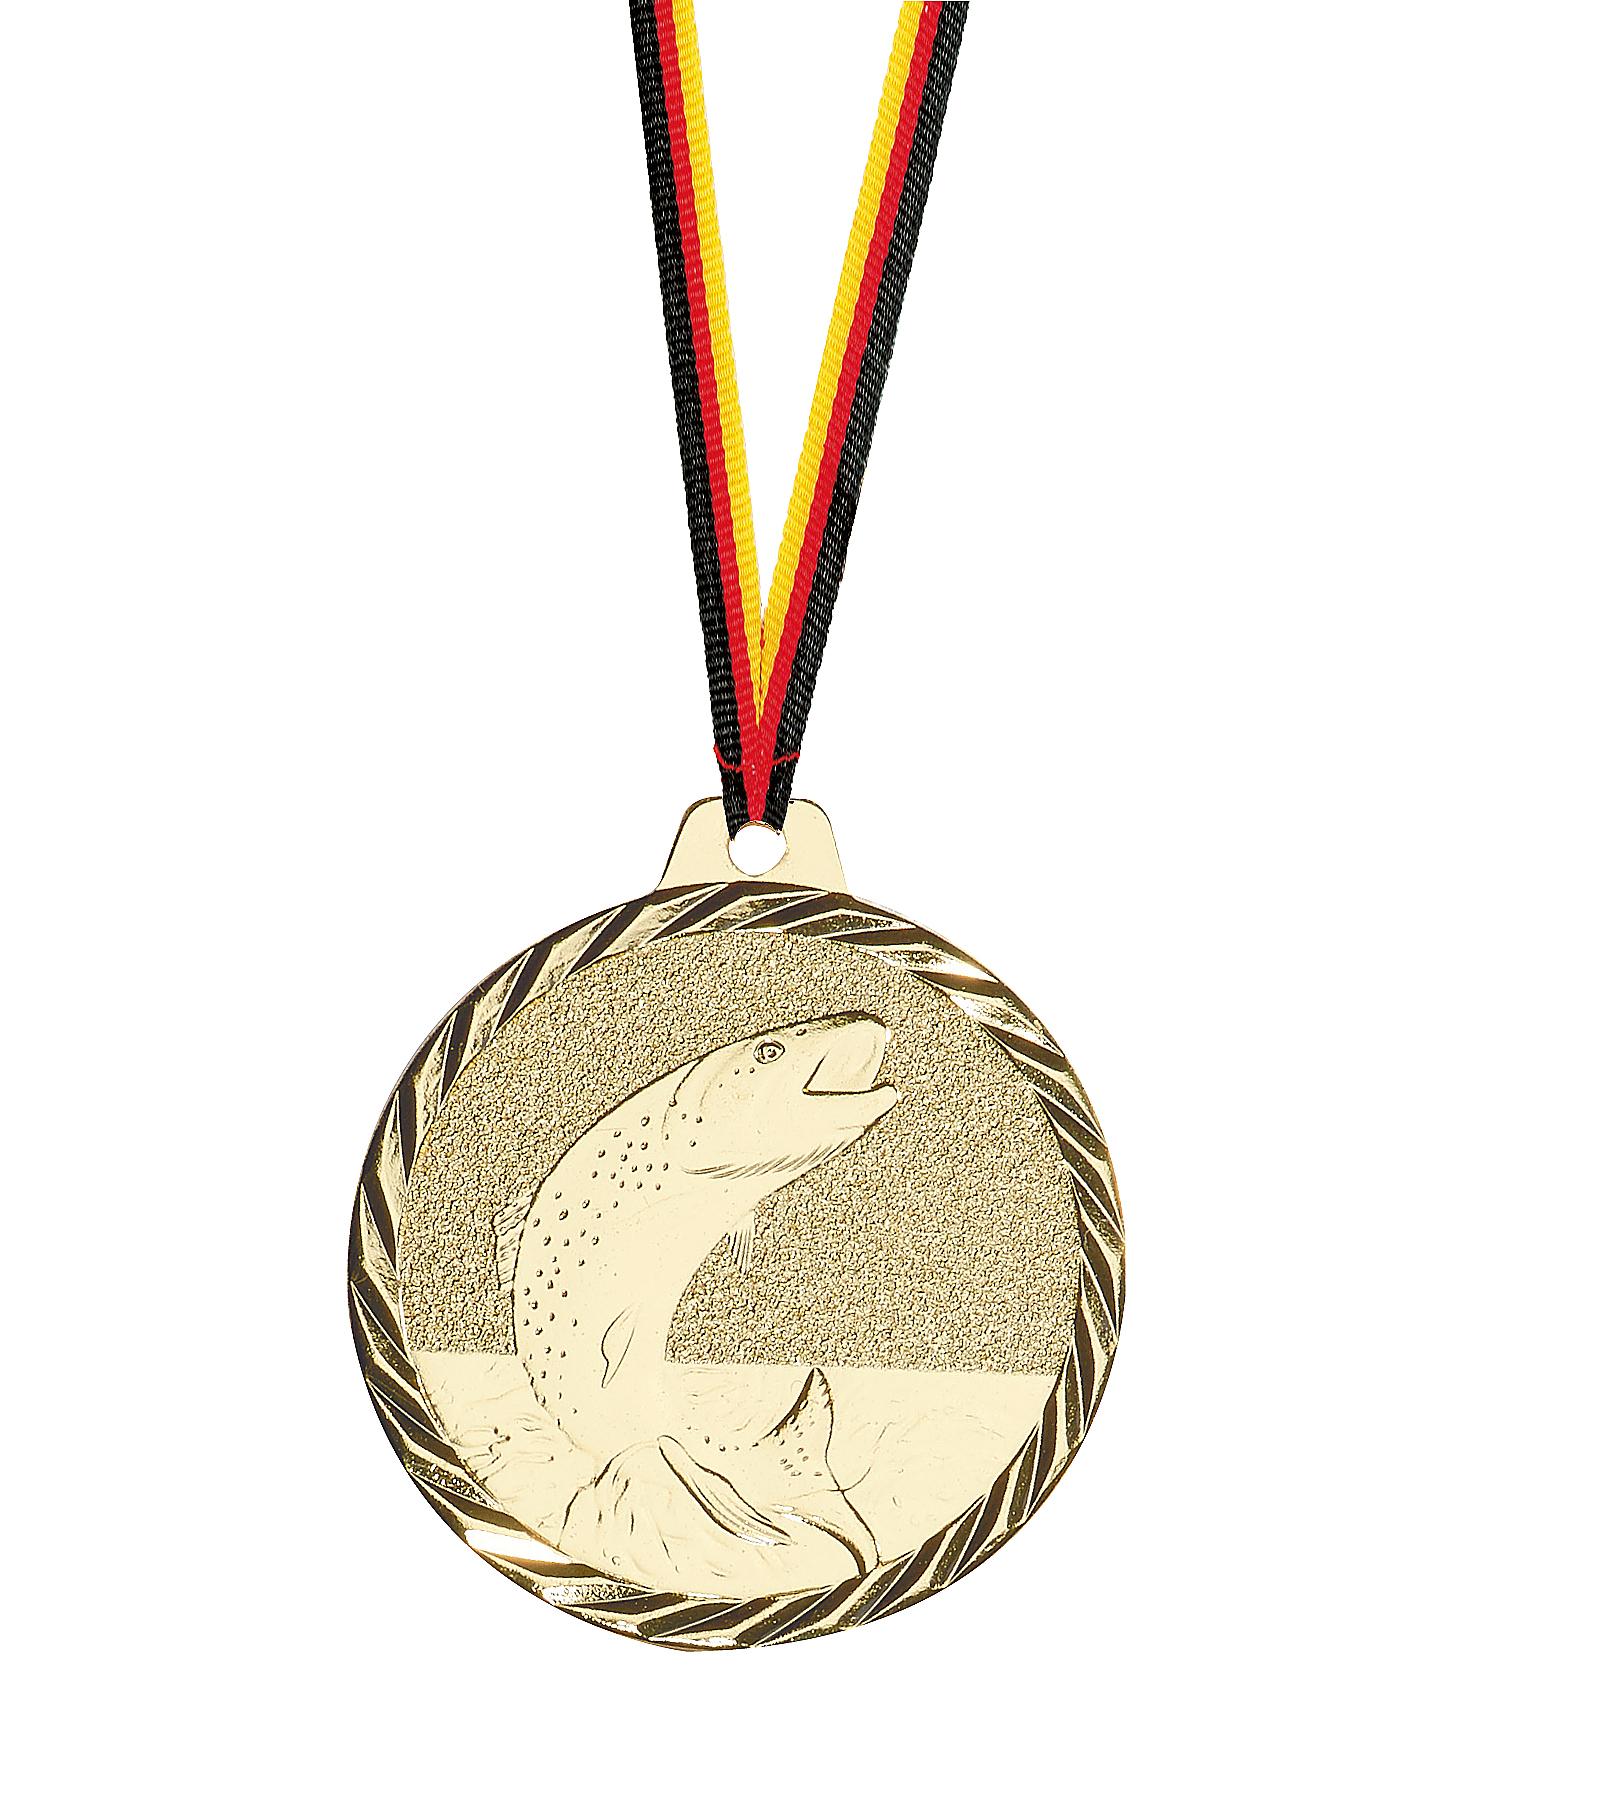 Angeln Medaille geprägt 50mm Ø Medaillen Premium hochwertig edel